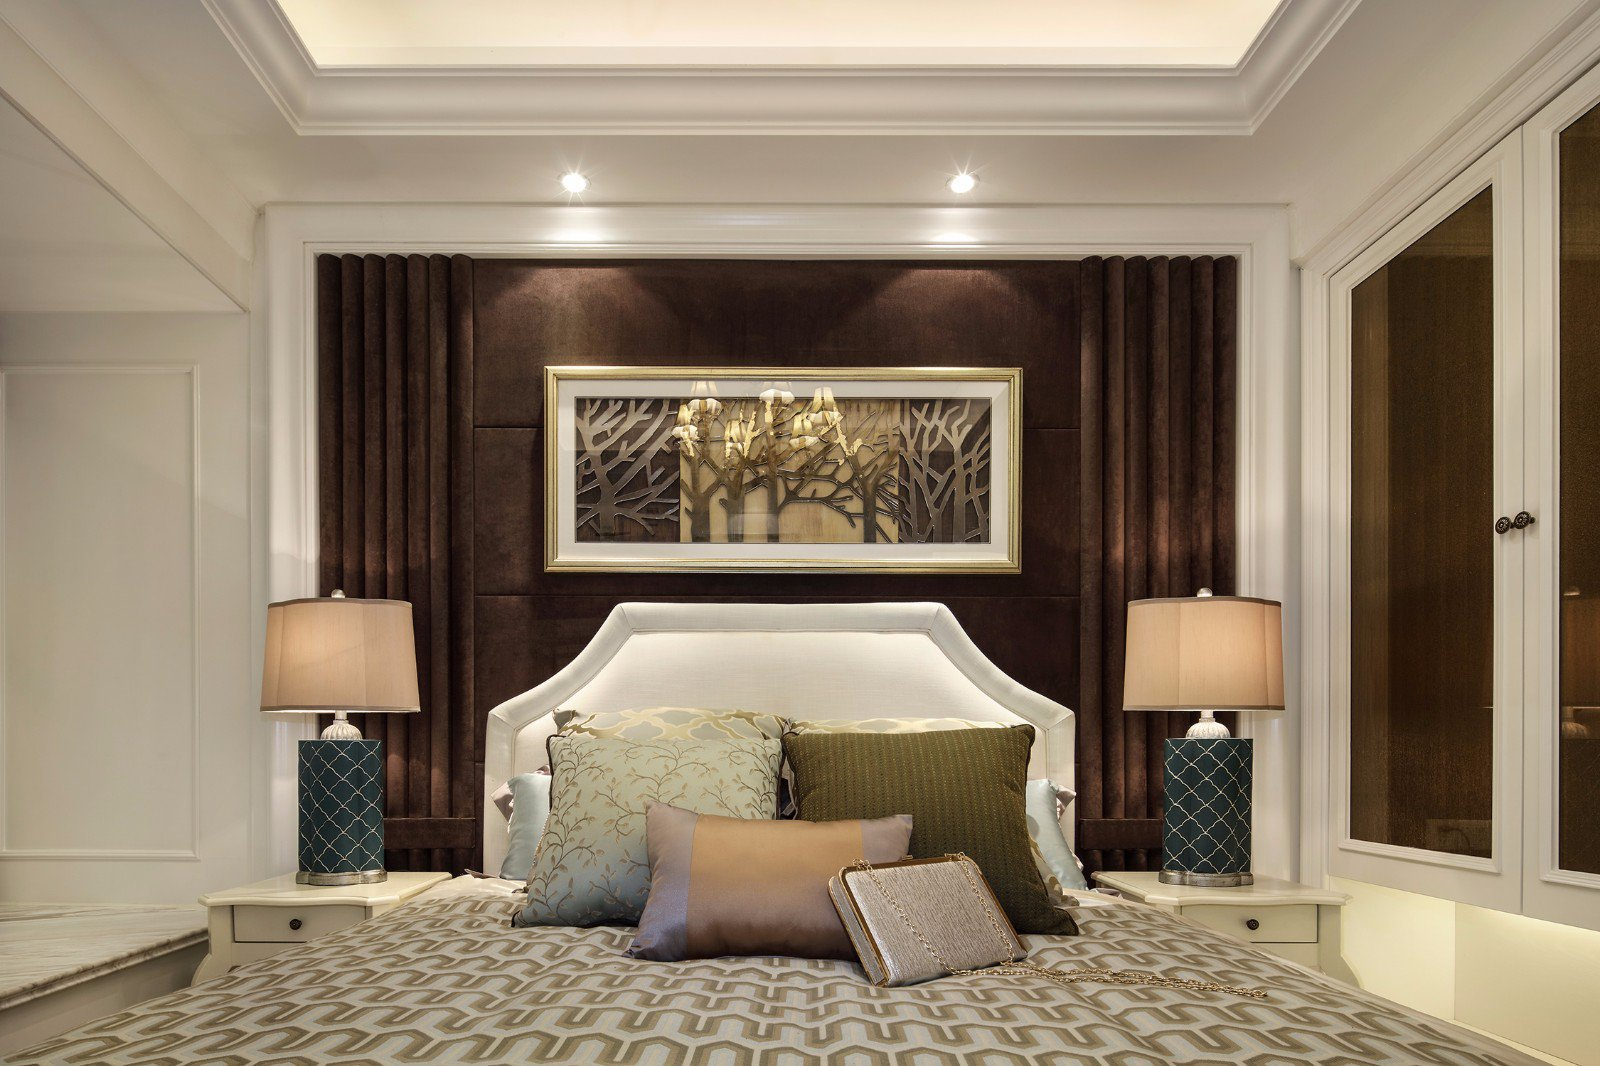 家庭装修时每个空间的灯怎么挑选?陕西整体家装公司来分享